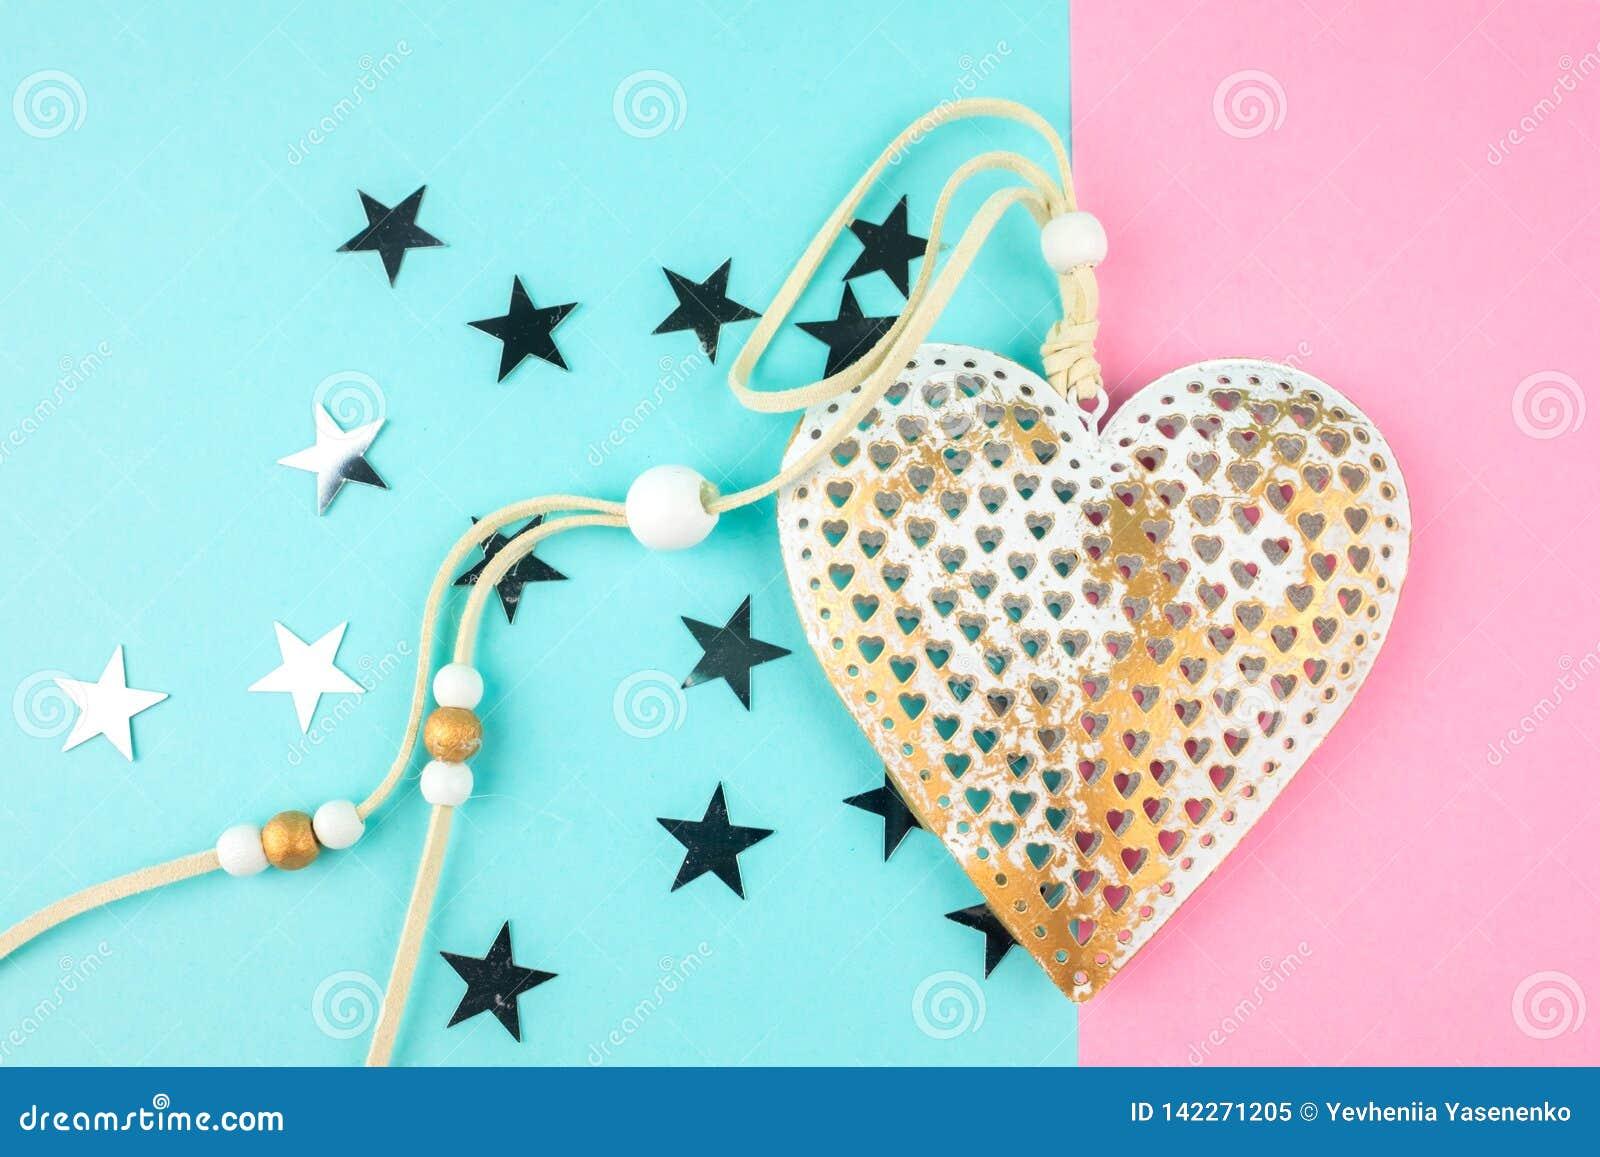 Ungewöhnliches dekoratives Metallherz auf einem blau-rosa Hintergrund